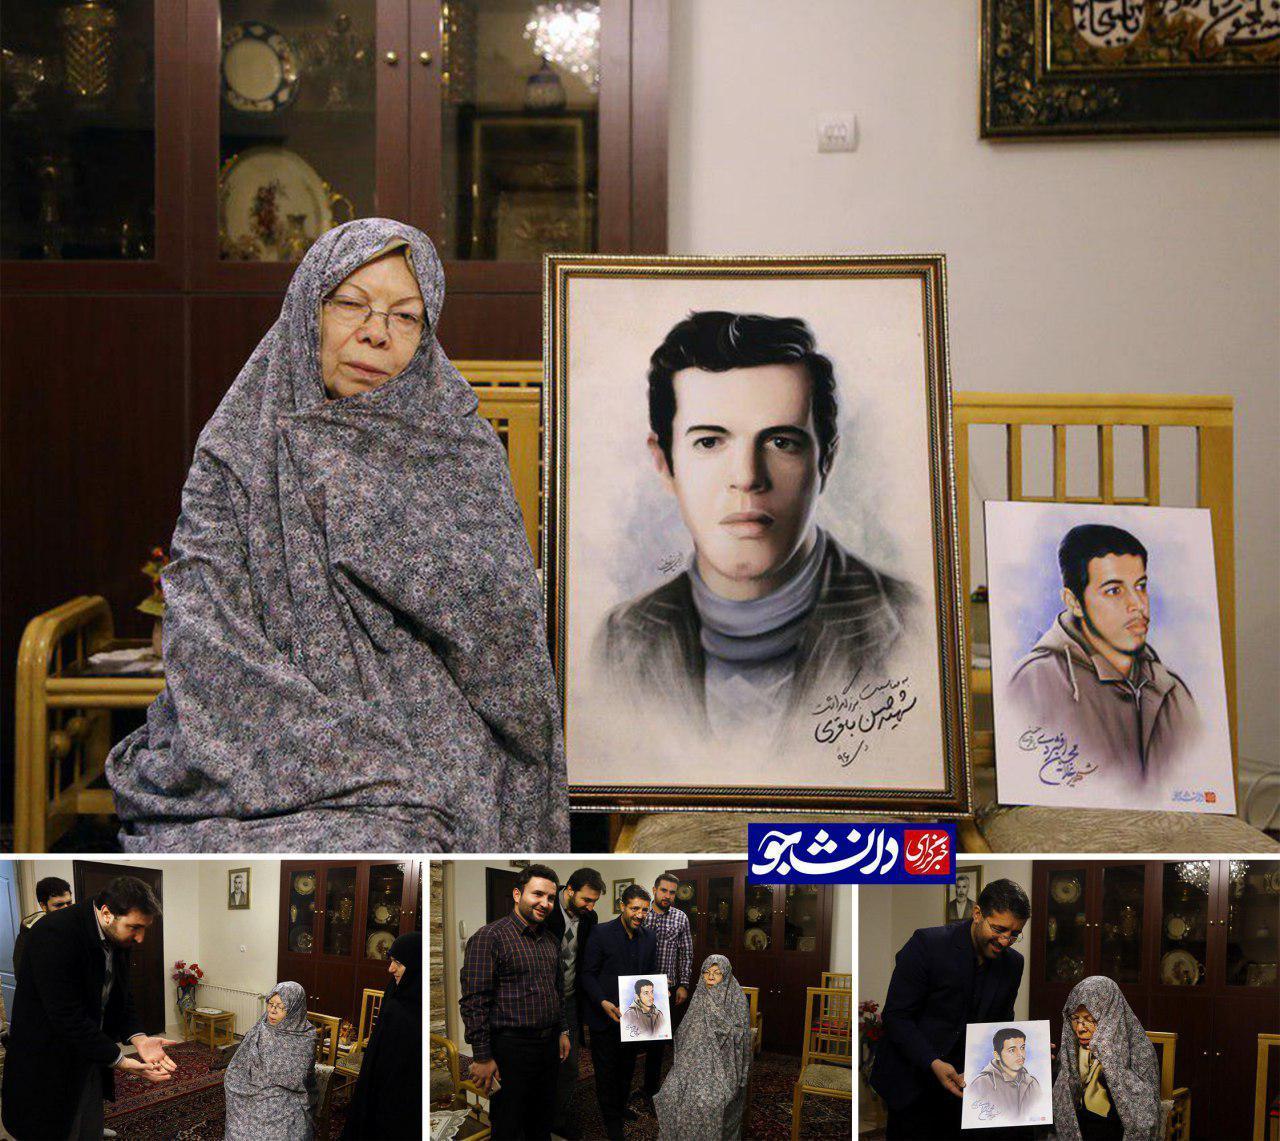 نقاشی چهره شهید باقری به مادرش تقدیم شد + عکس